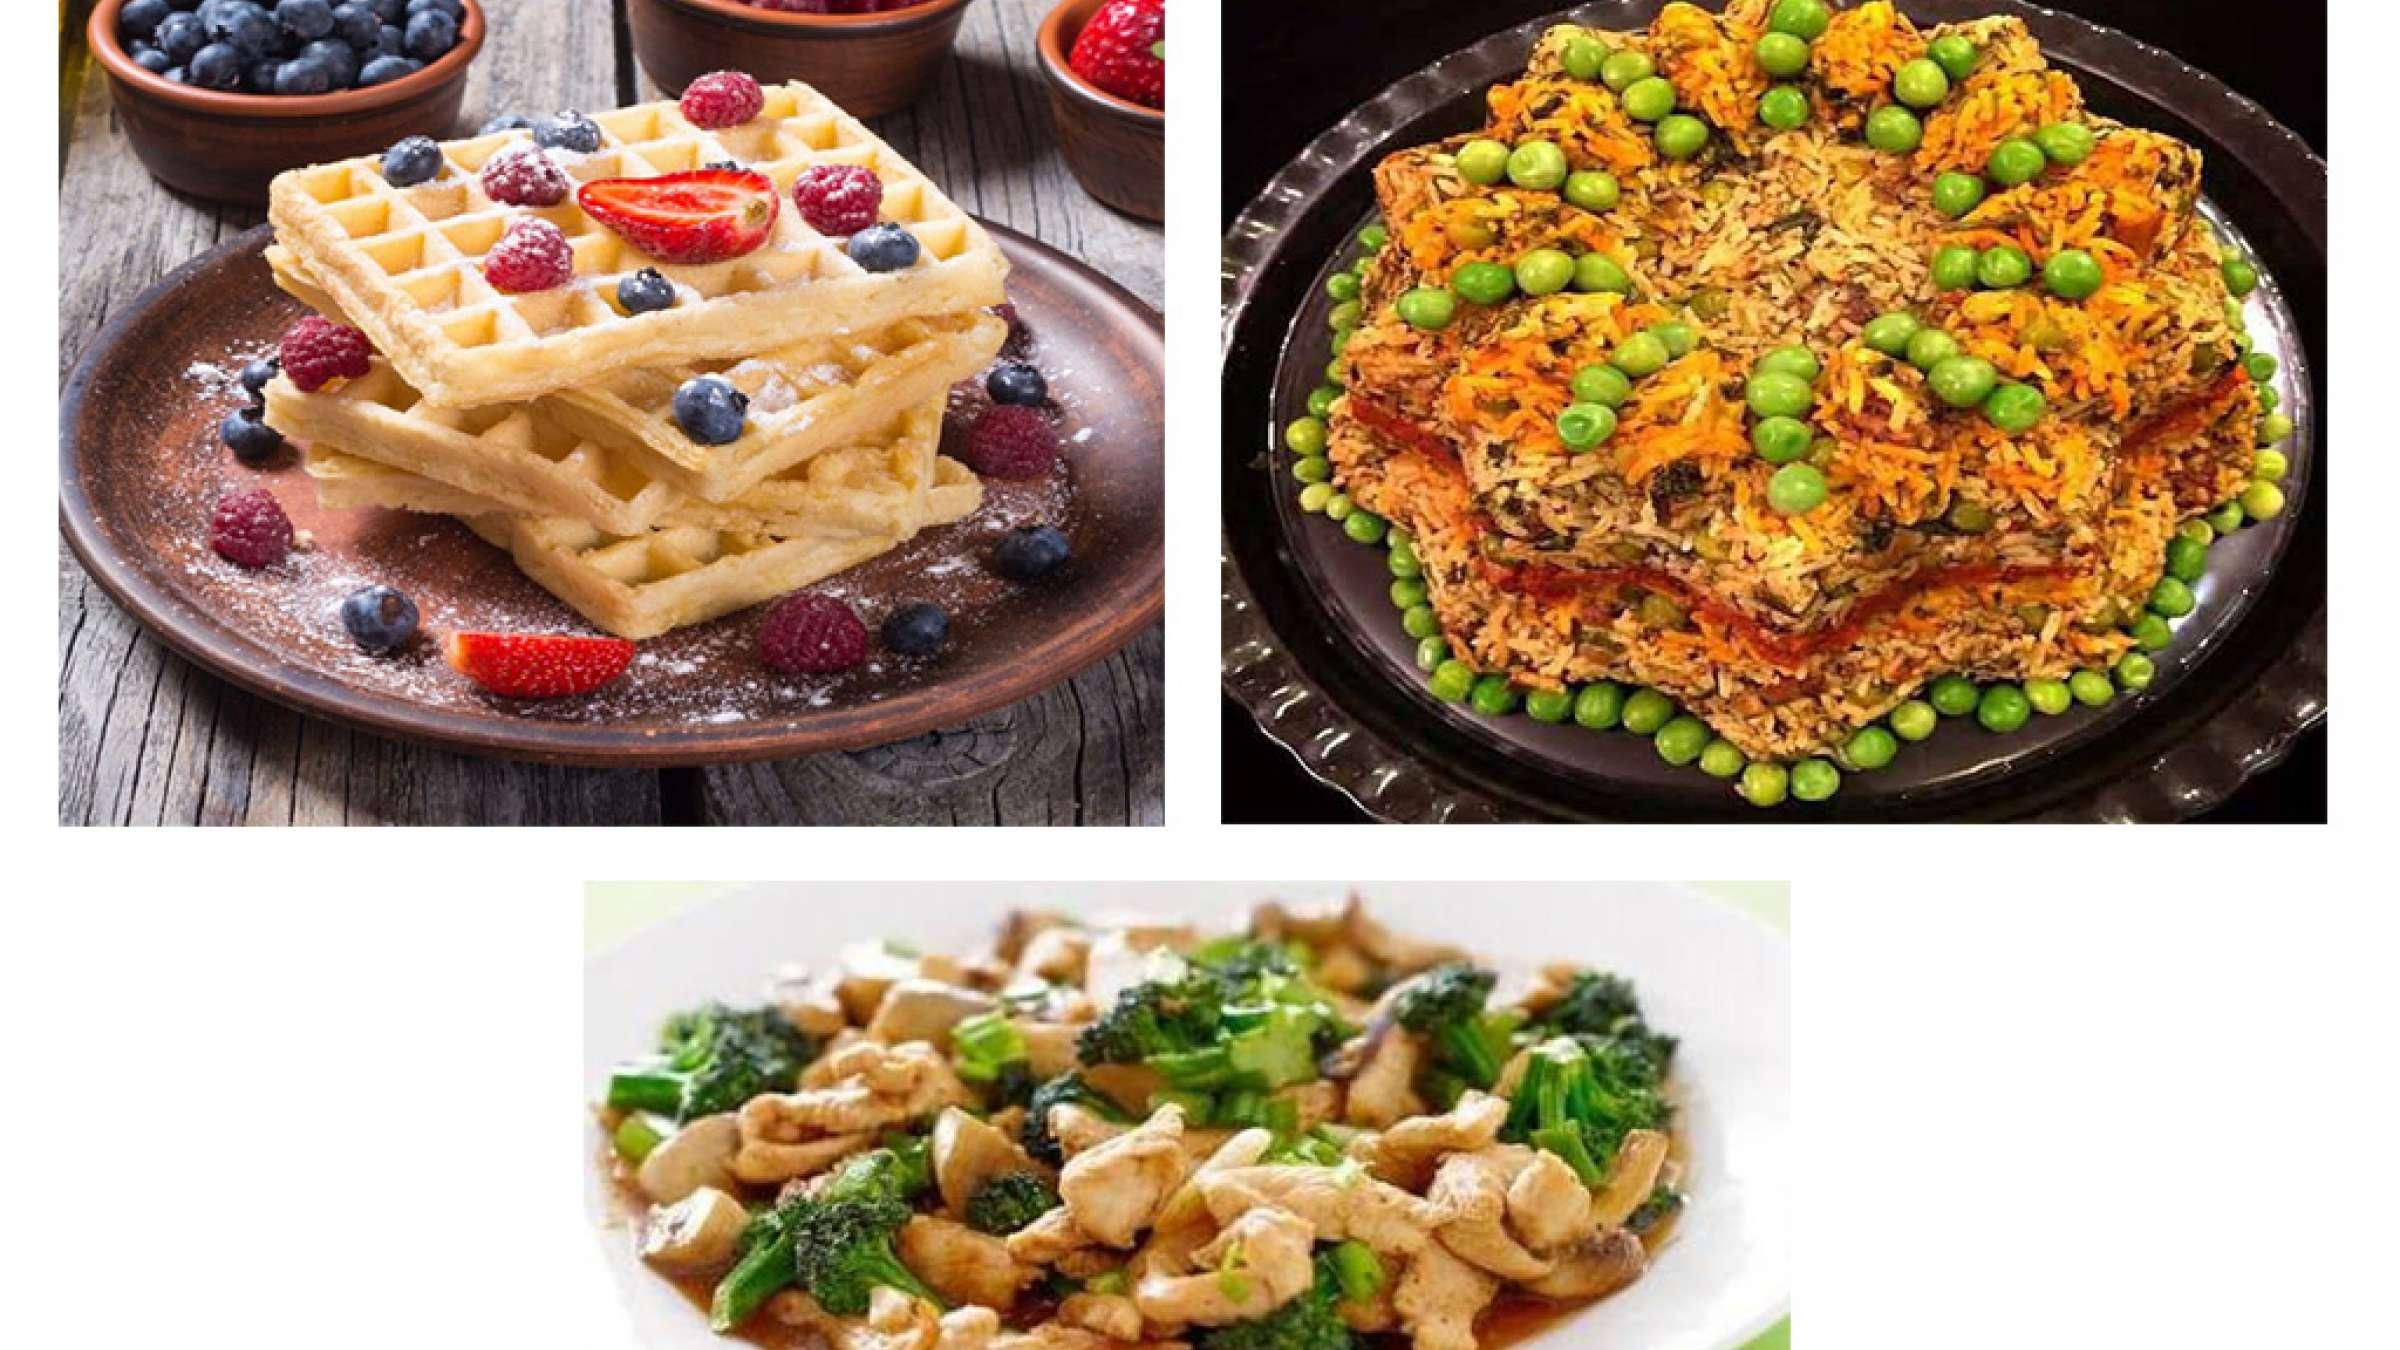 فینگرفود-سبزی-وافل-ترابی-آشپزی